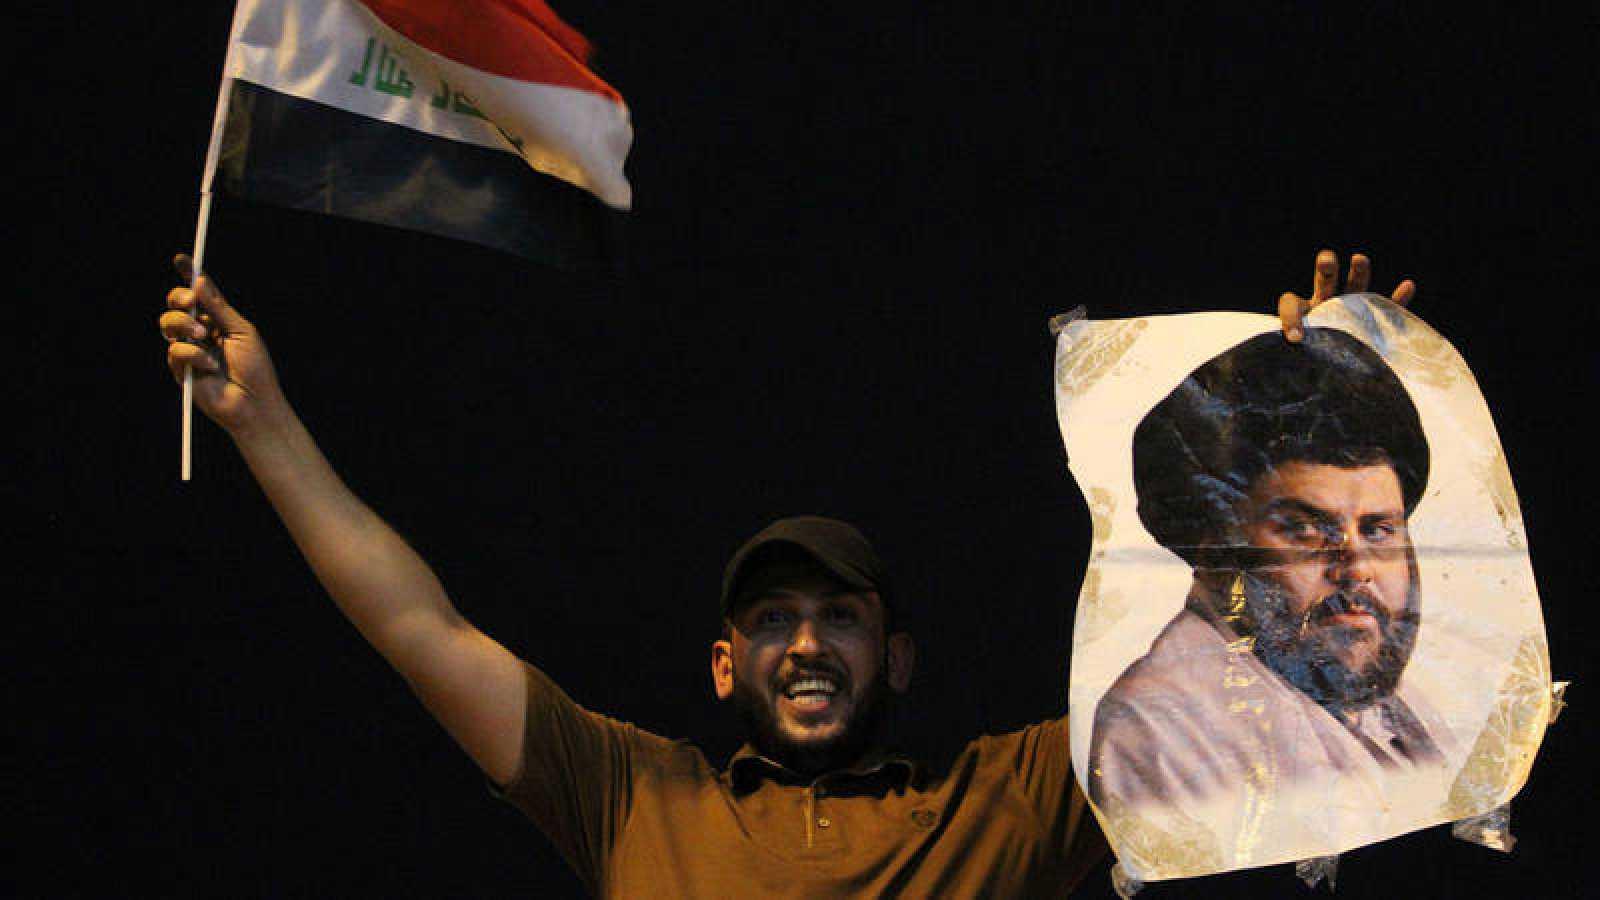 VÌDEO: ¿Estados Unidos espera demasiado de las elecciones de Irak?